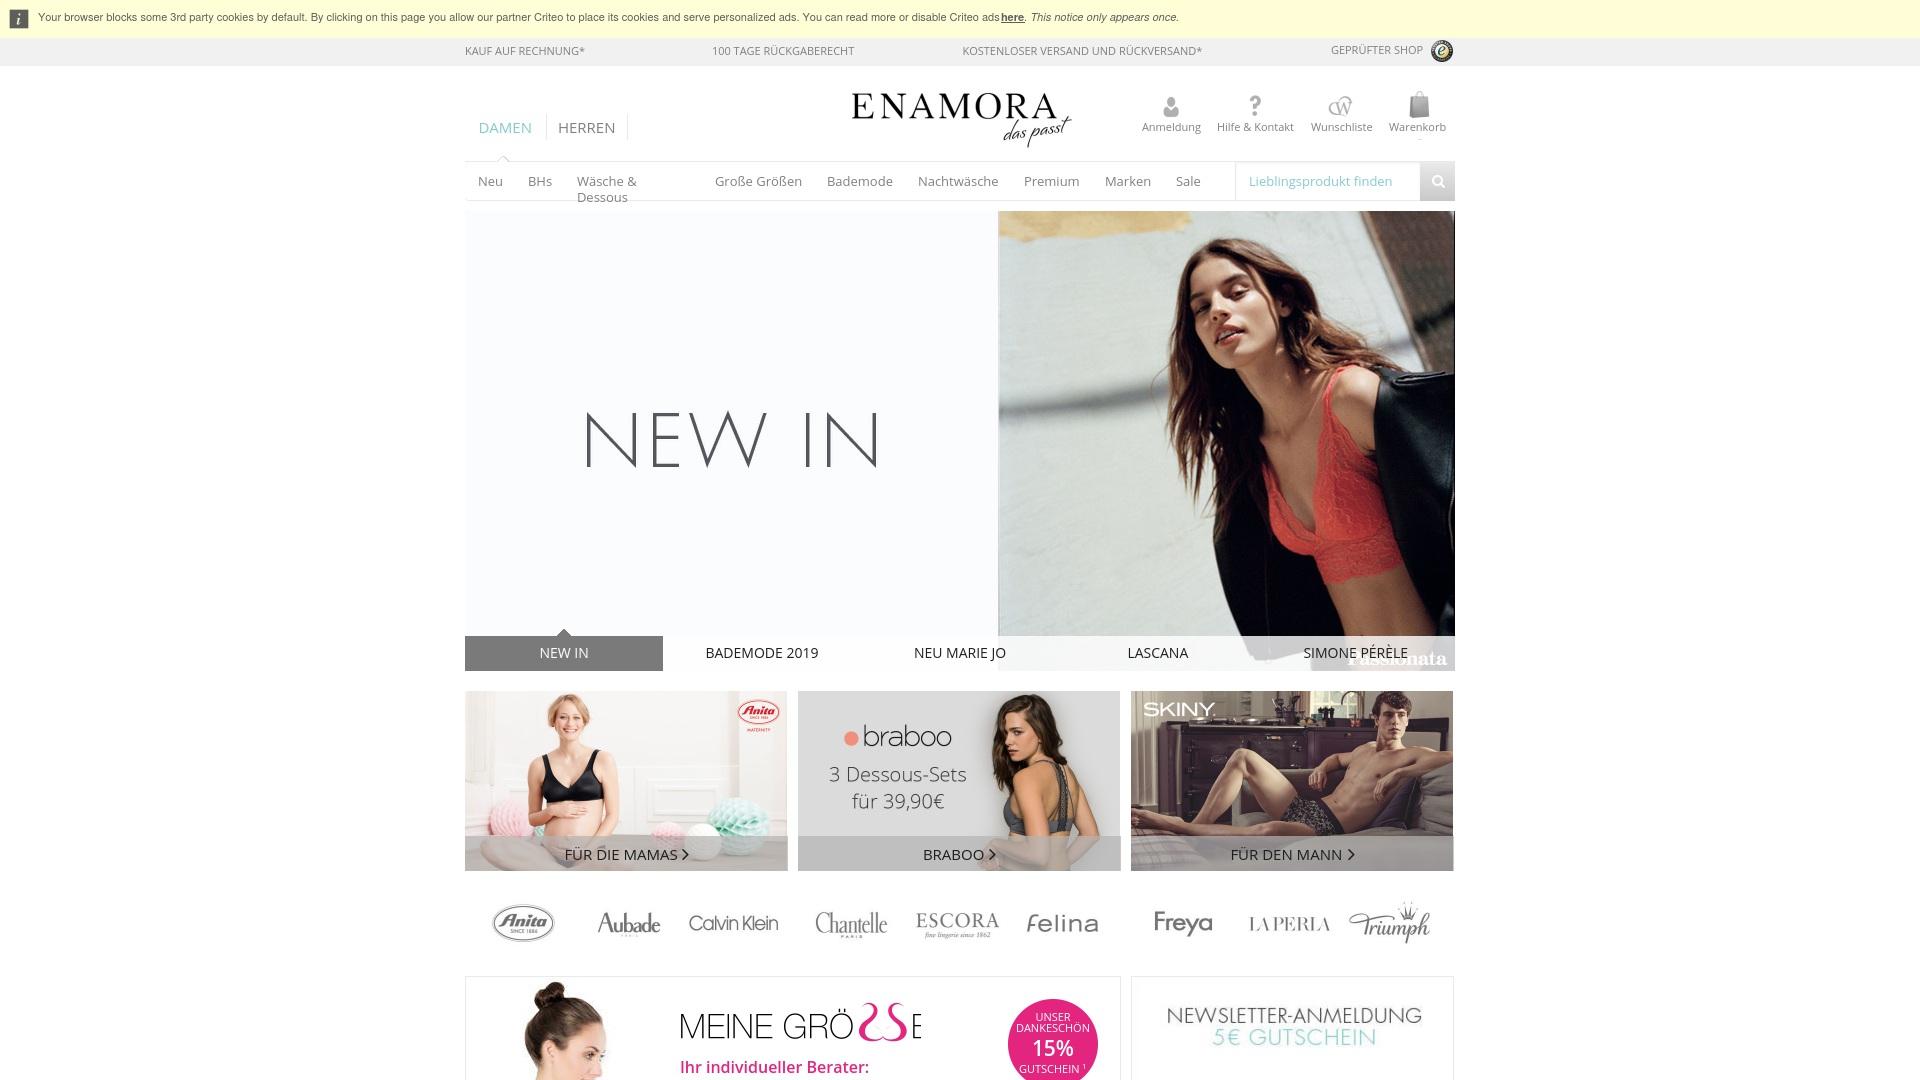 Gutschein für Enamora: Rabatte für  Enamora sichern